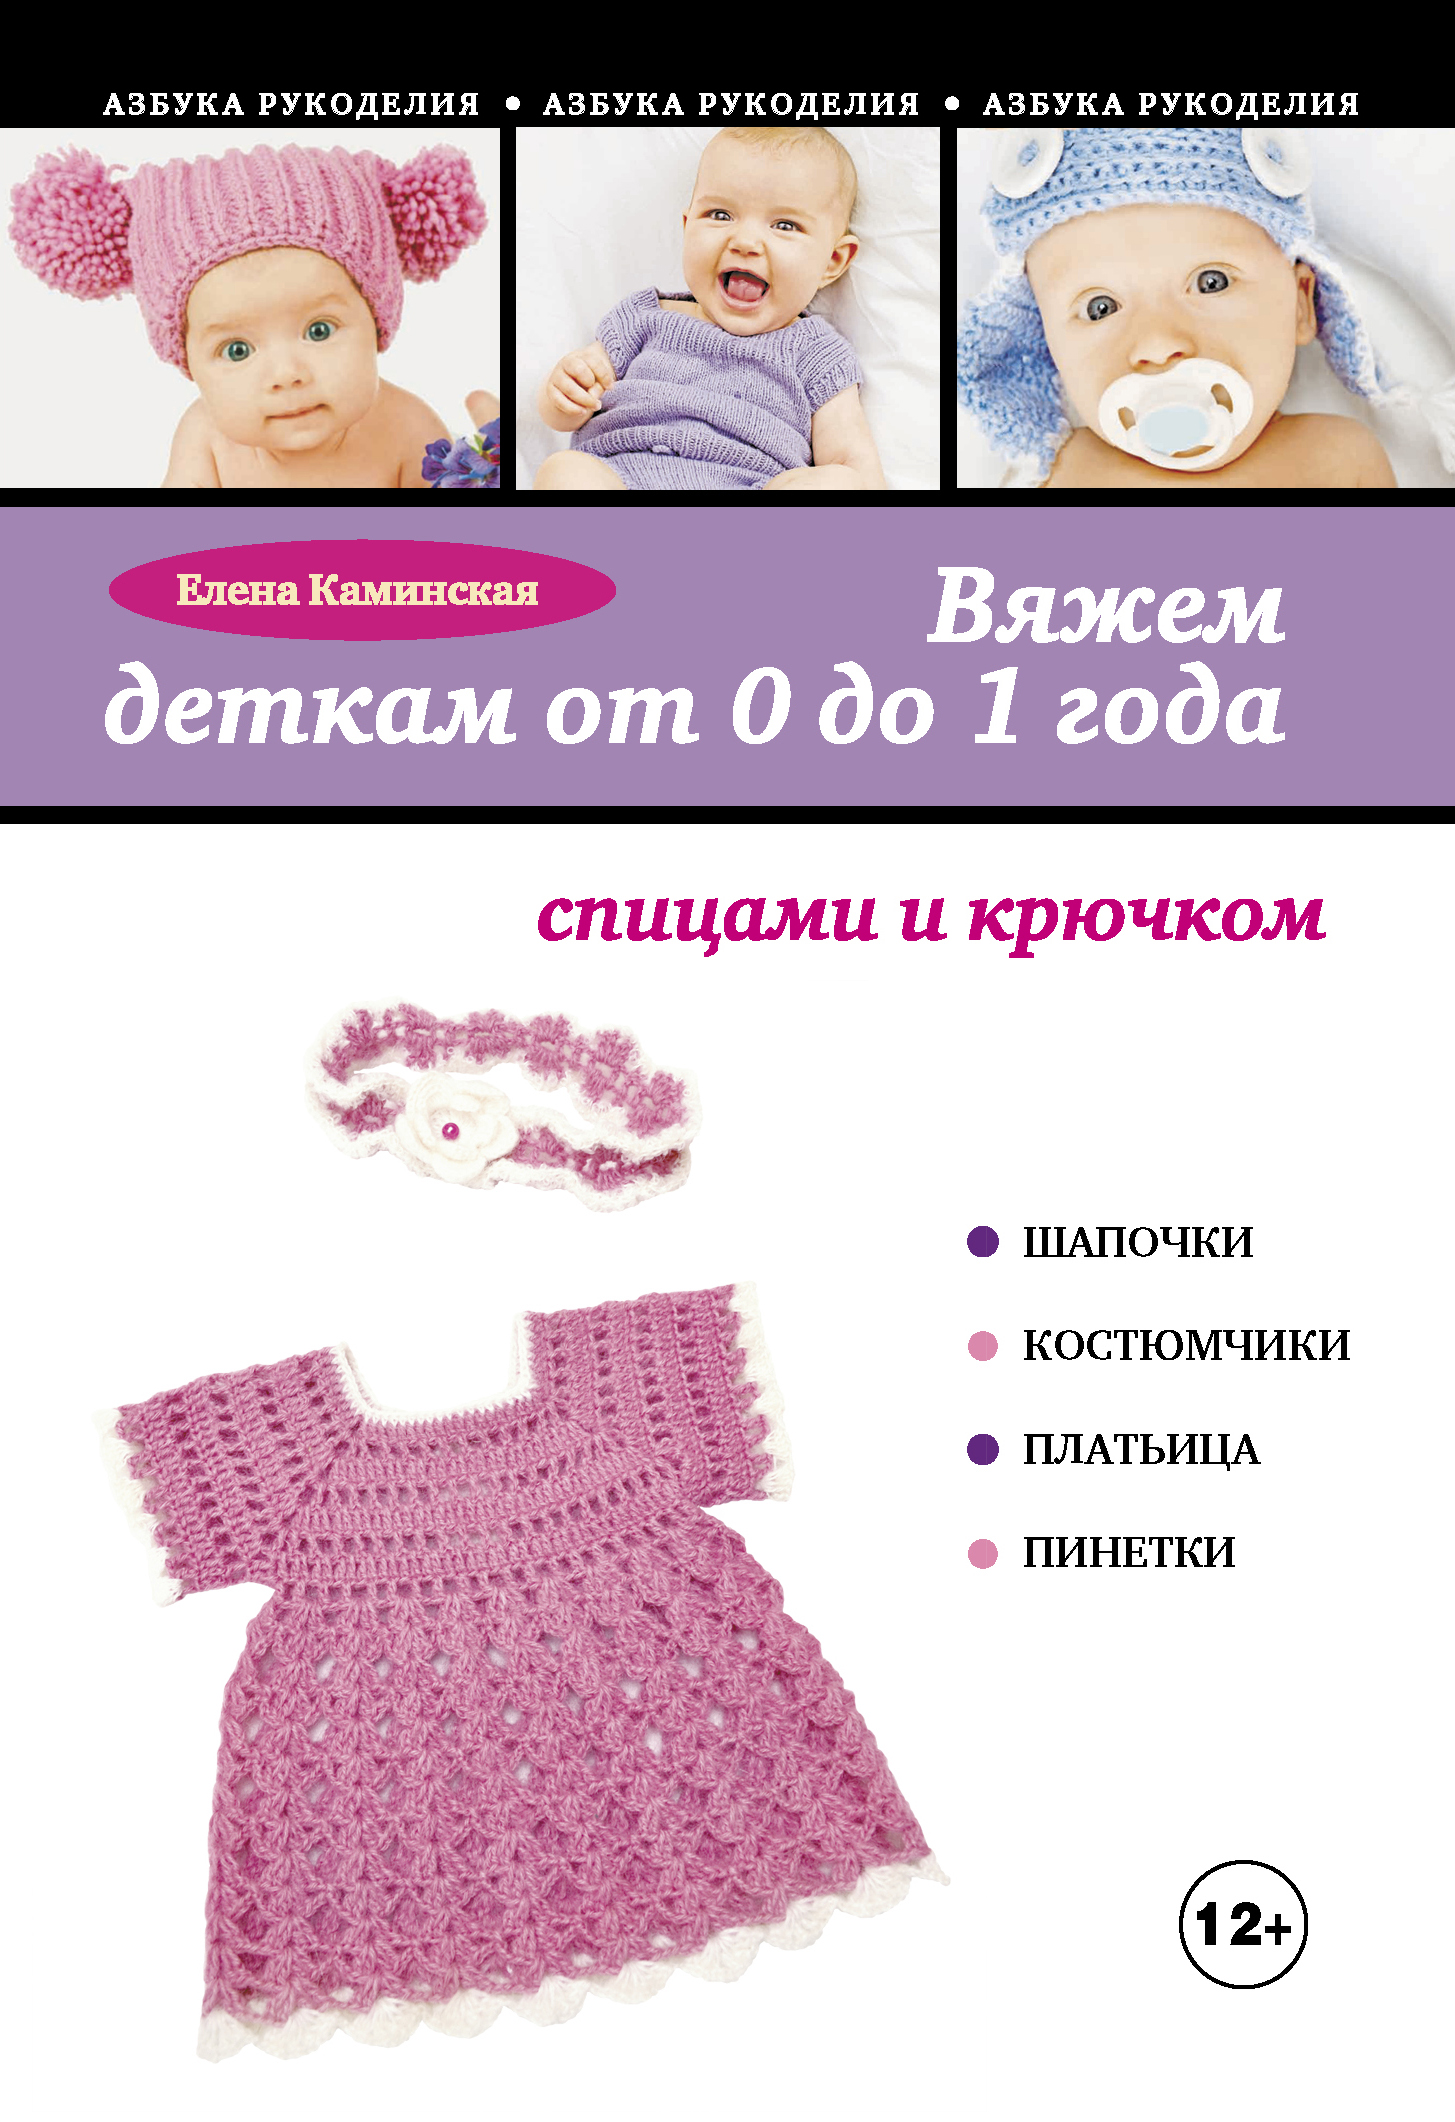 Вязание для детей от 0 до 3 лет и старше 73